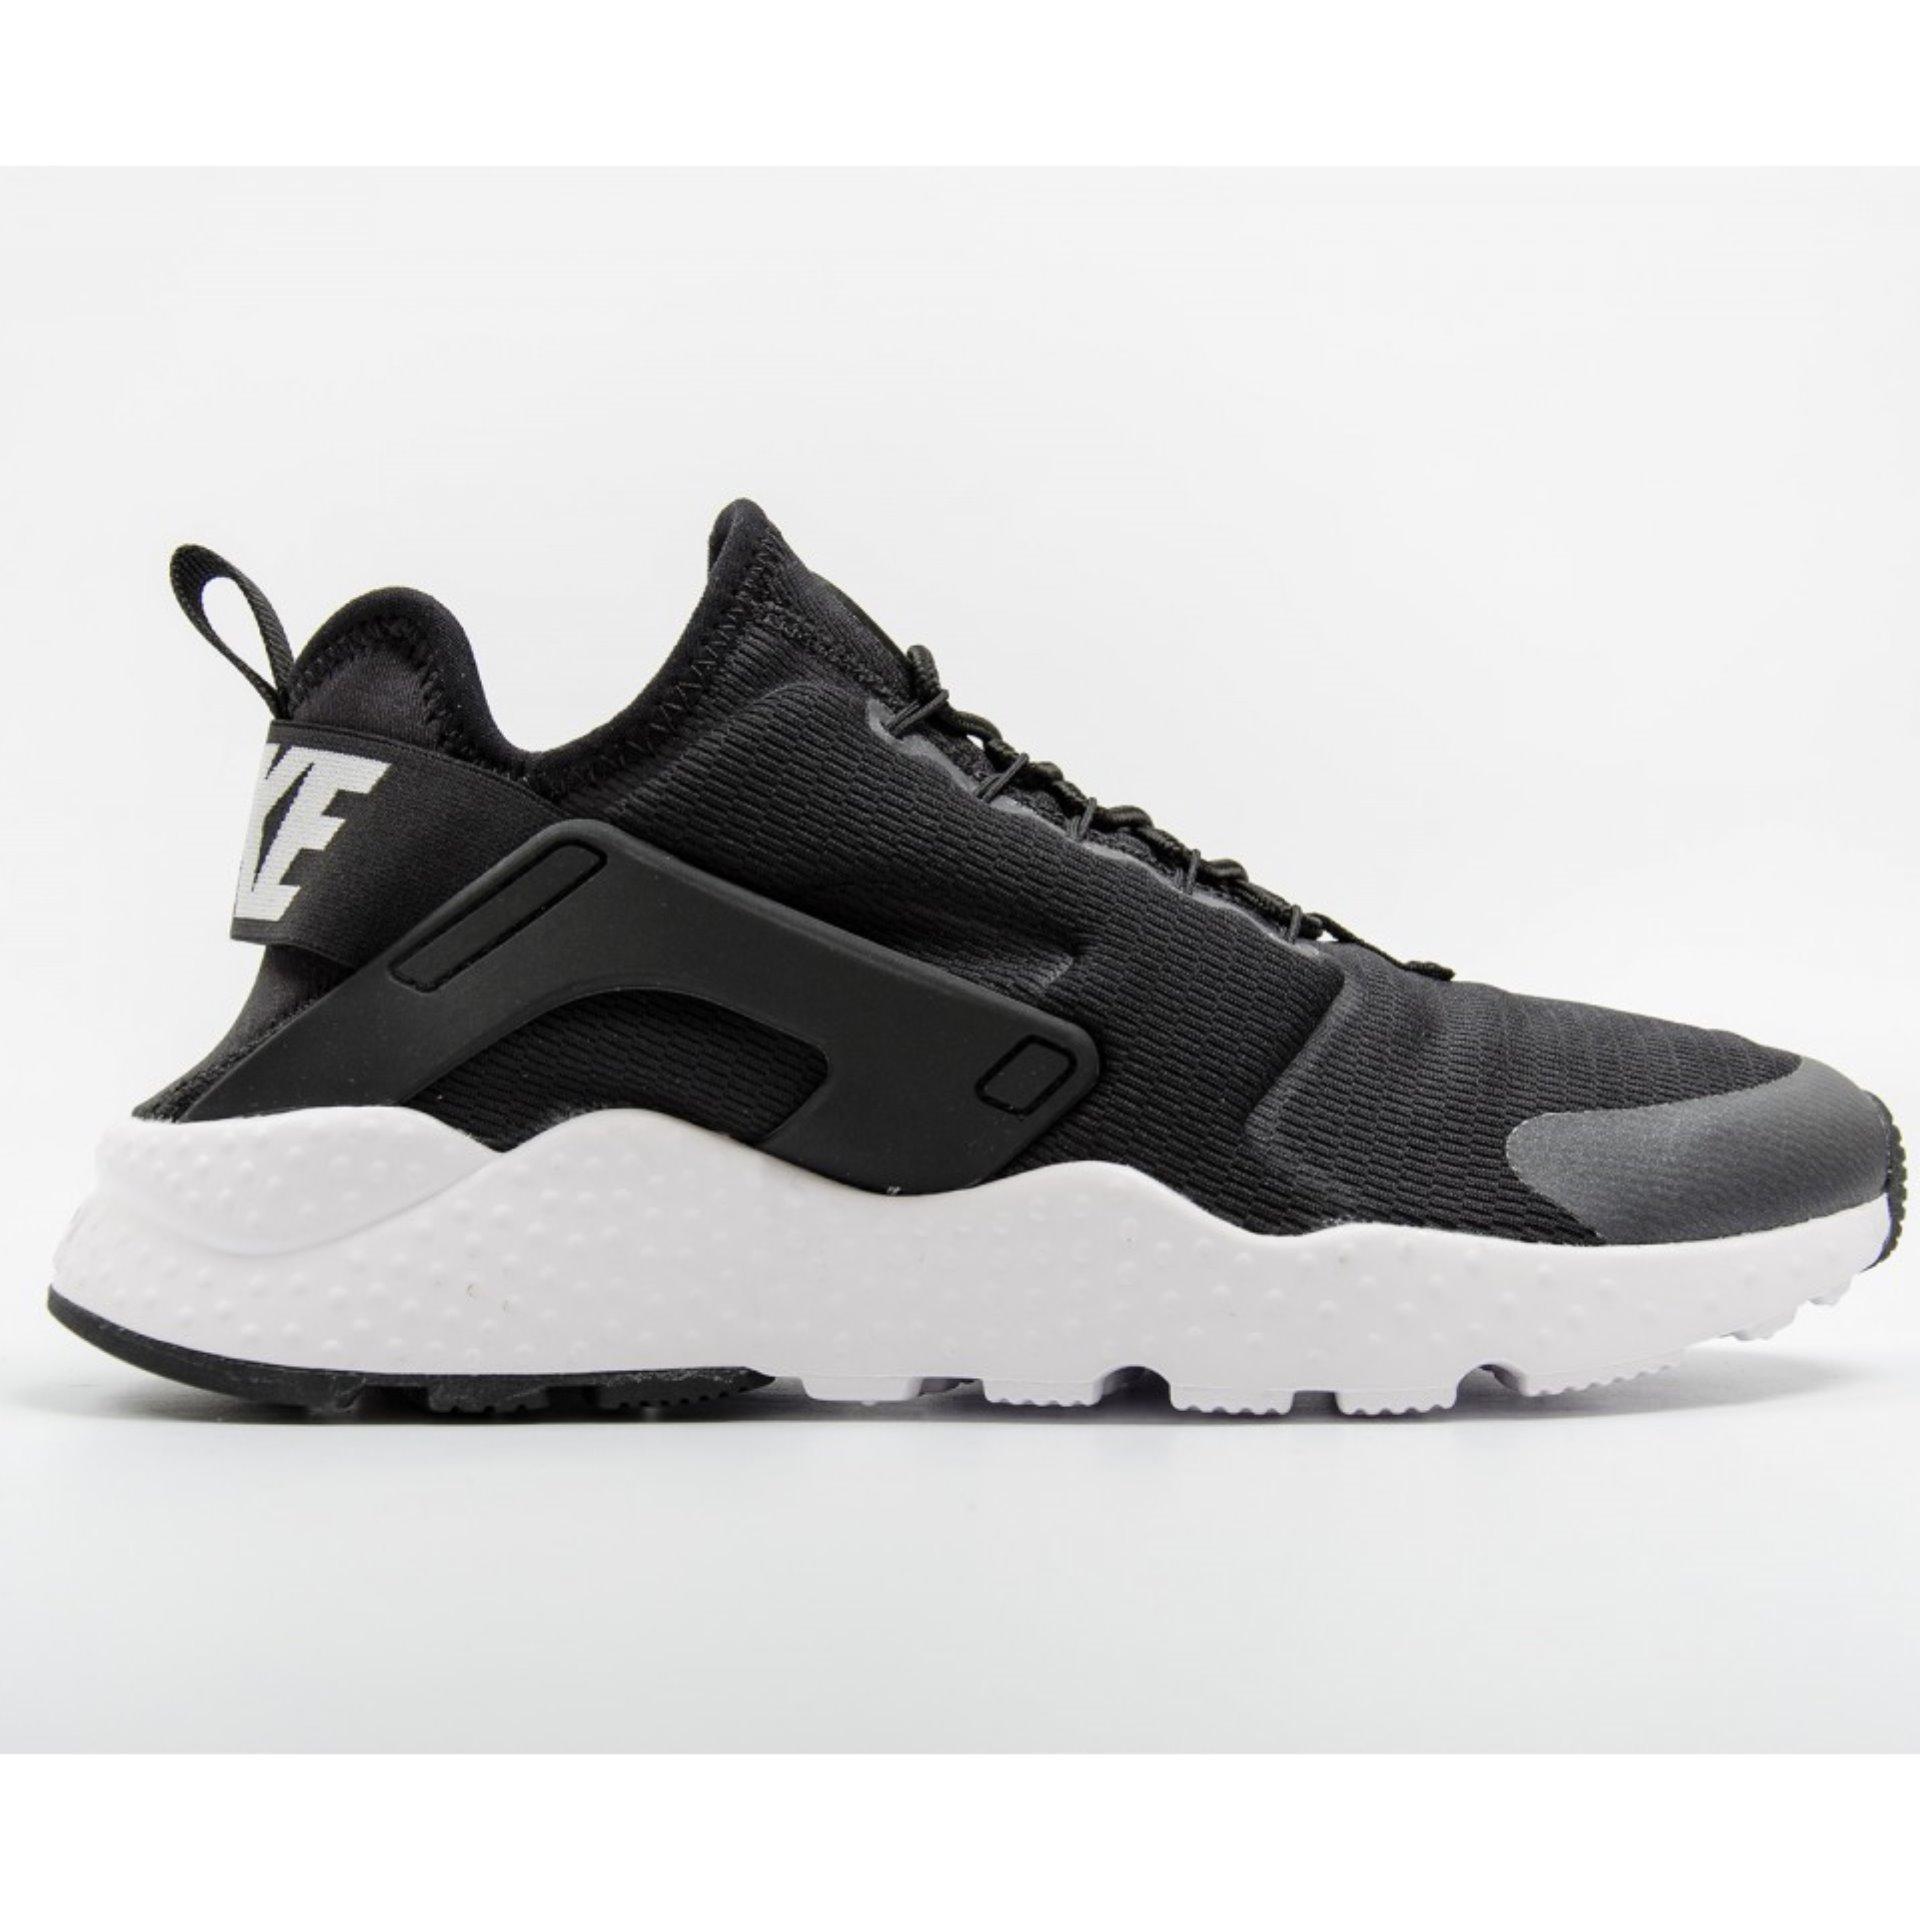 nike huarache shoes kicksusa; nike air huarache run ultra women shoes  819151 001 us7 8 5 08 ...